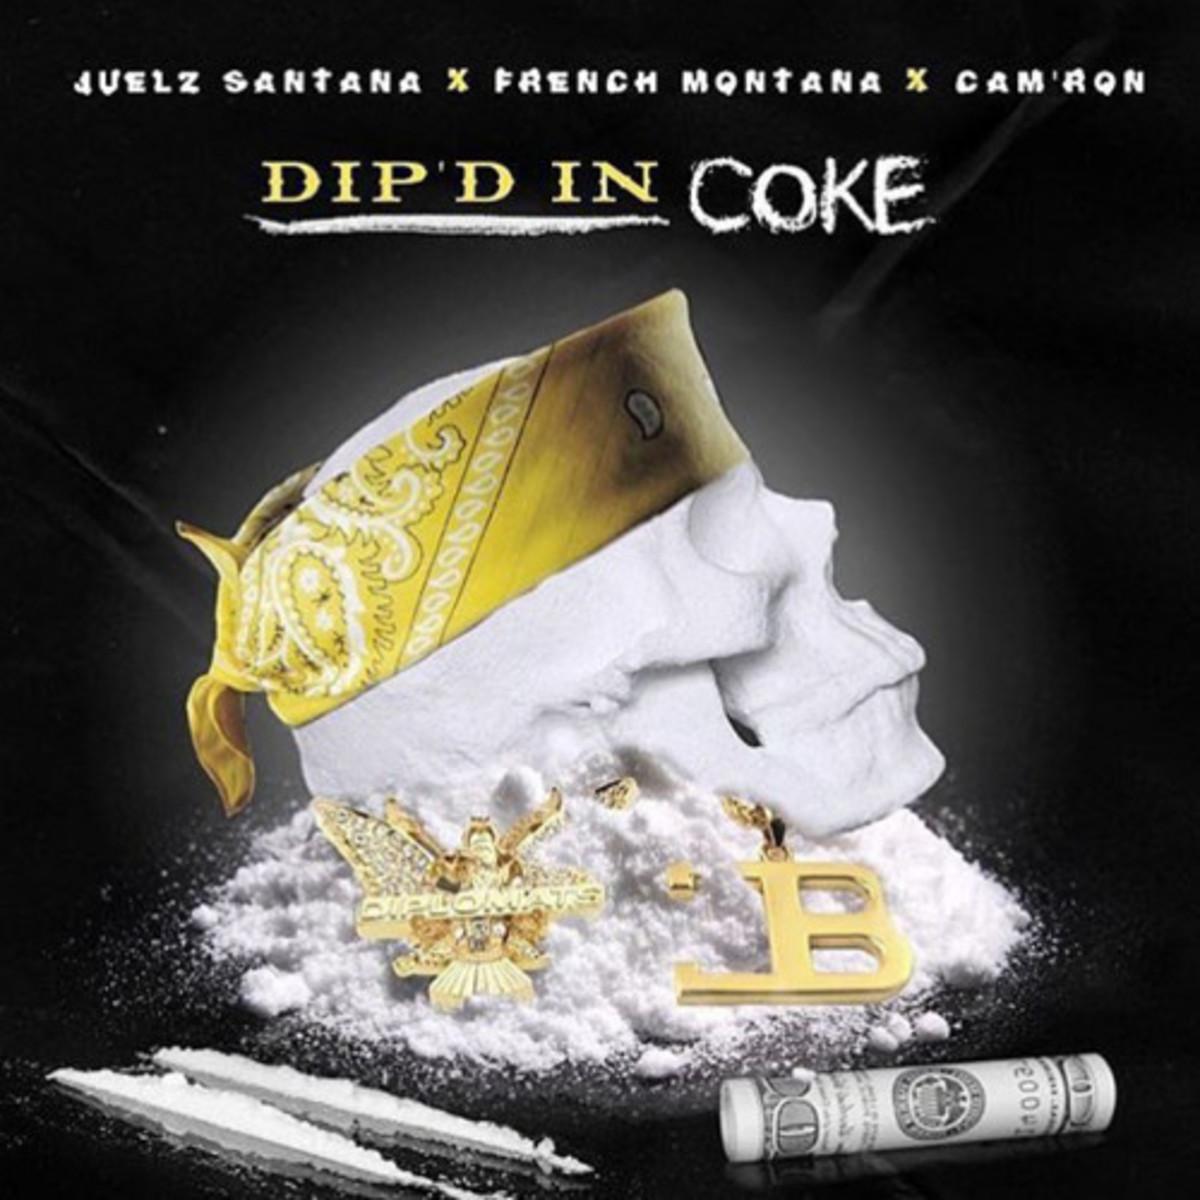 juelz-santana-dipd-n-coke.jpg